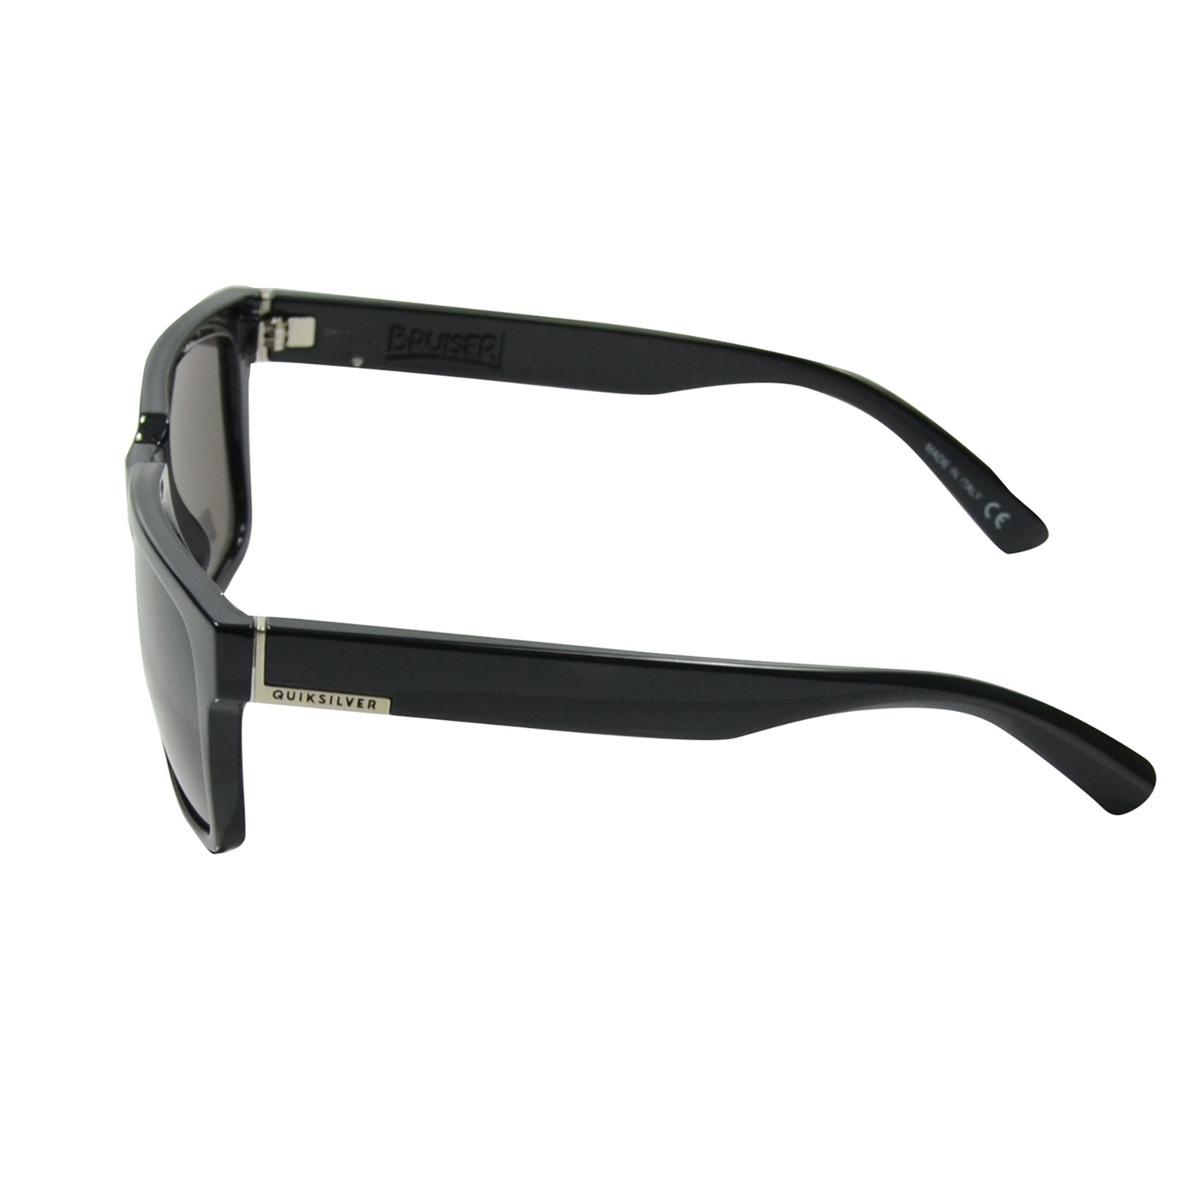 83aaaf94e8584 óculos quiksilver bruiser preto lente cinza. Carregando zoom.